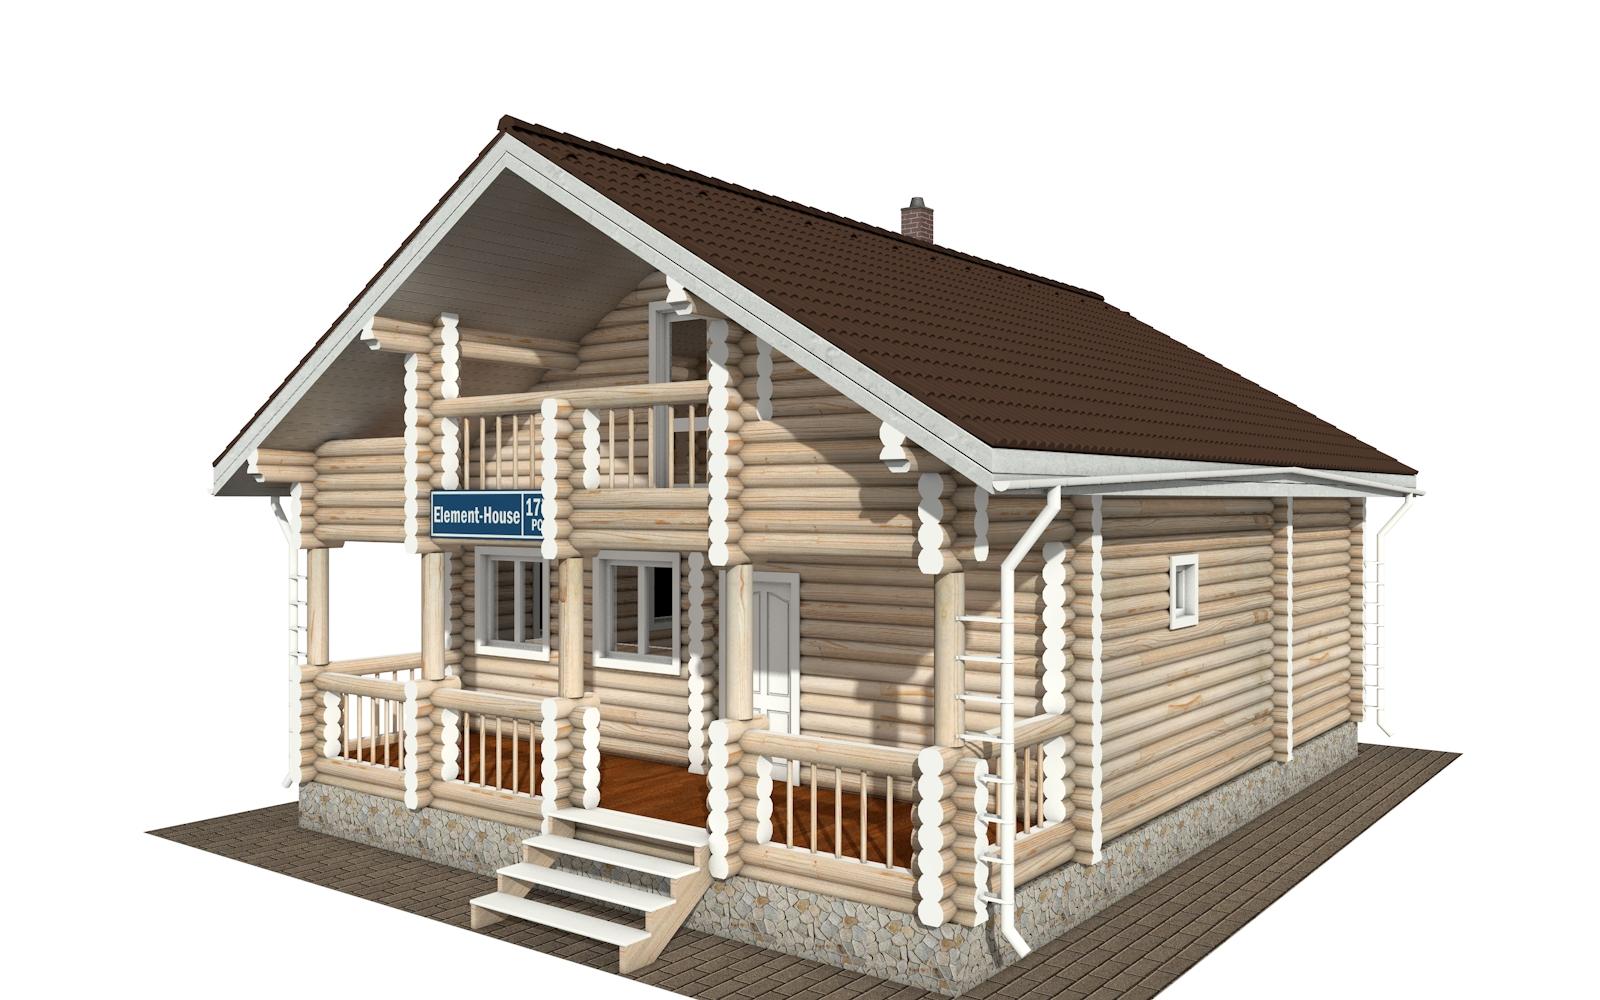 Фото #1: Красивый деревянный дом РС-177 из бревна